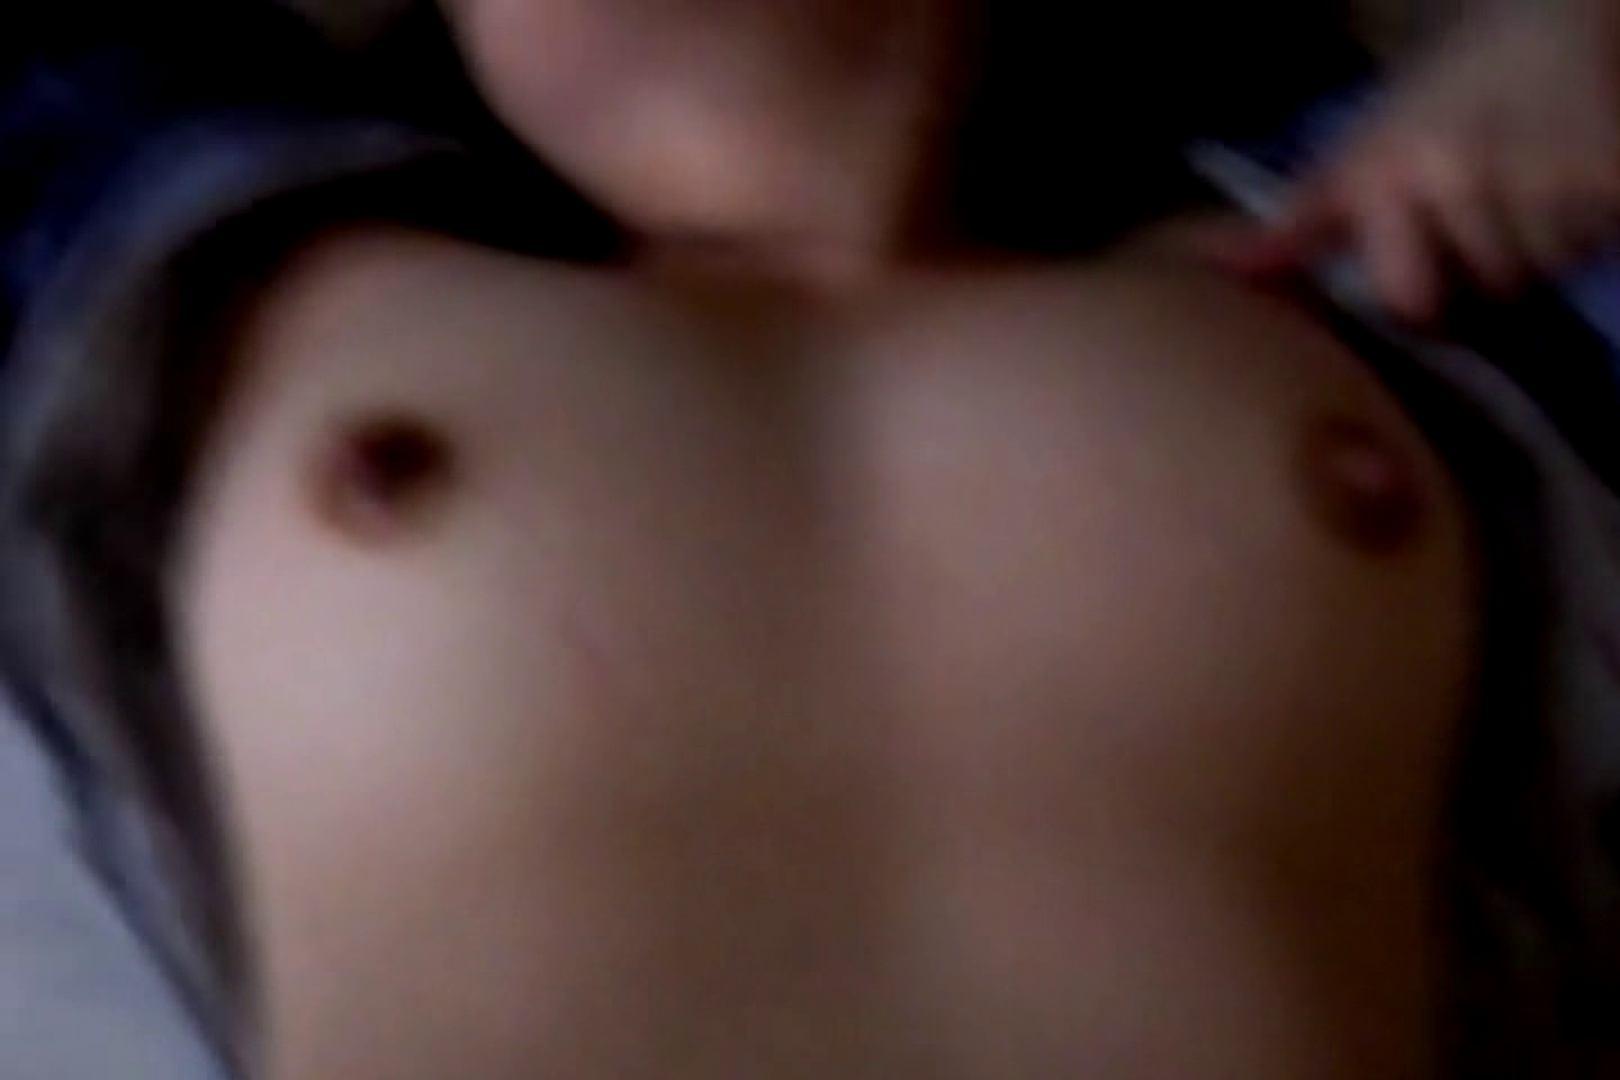 ウイルス流出 レオ&マンコのアルバム クンニ エロ画像 101連発 84